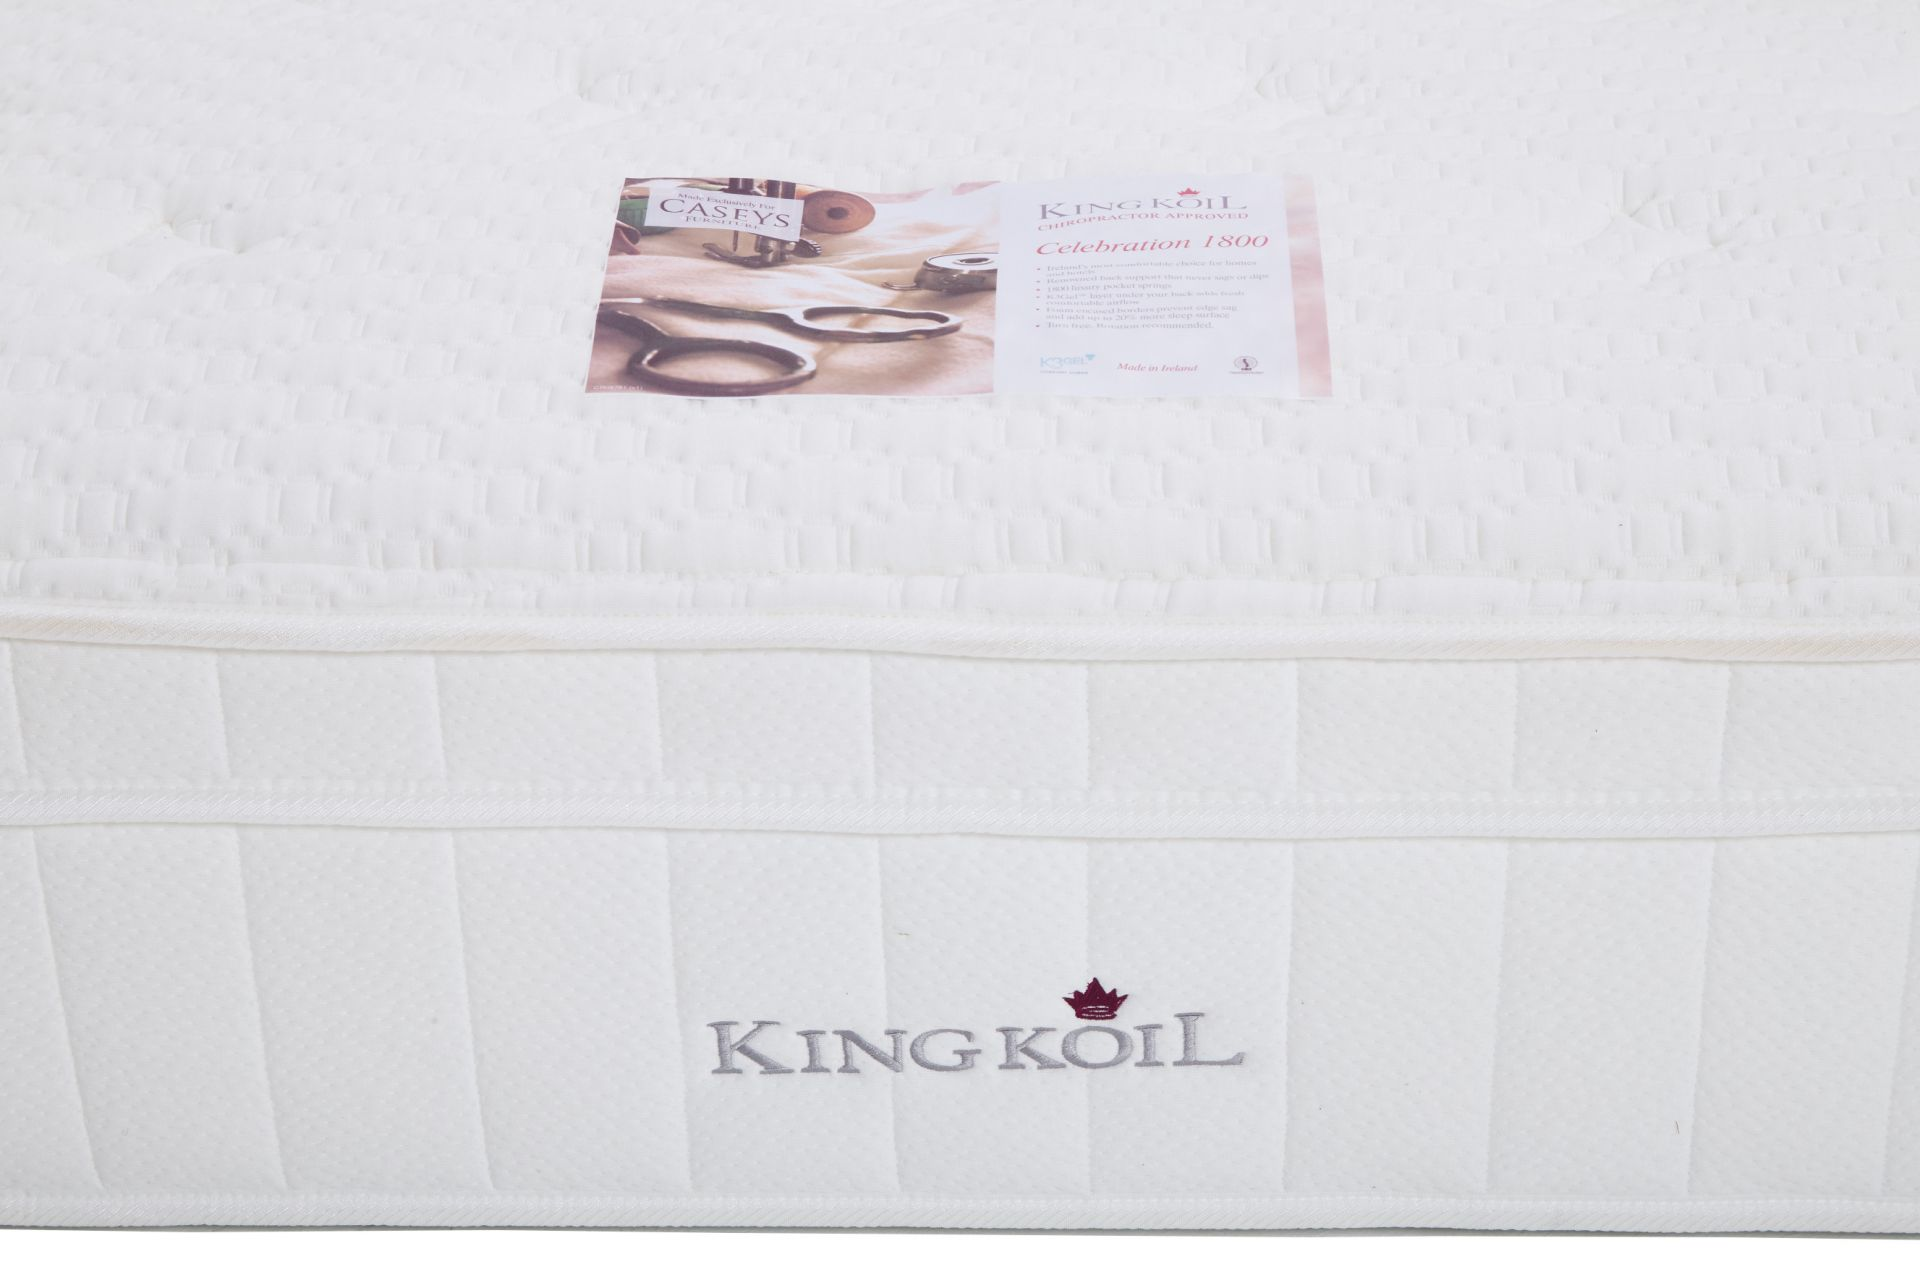 King Koil Celebration 1800 Mattress